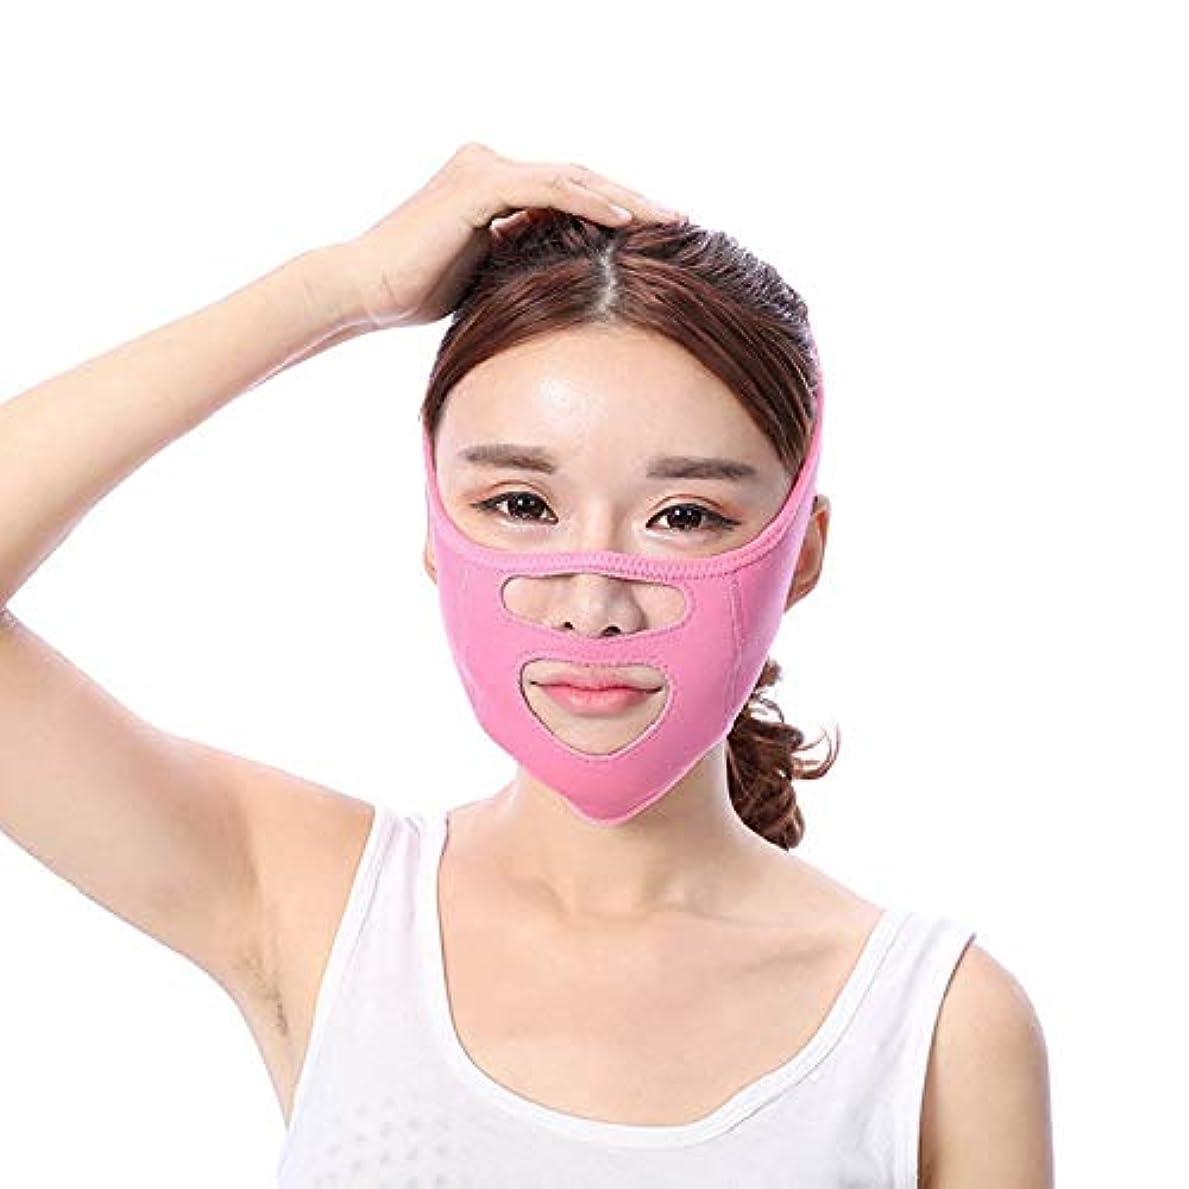 正規化トロリーバス不愉快にフェイスリフトベルト フェイスリフトベルトフェイスバンデージ美容機器リフティングファインディングダブルチン法令Vマスク睡眠マスク通気性